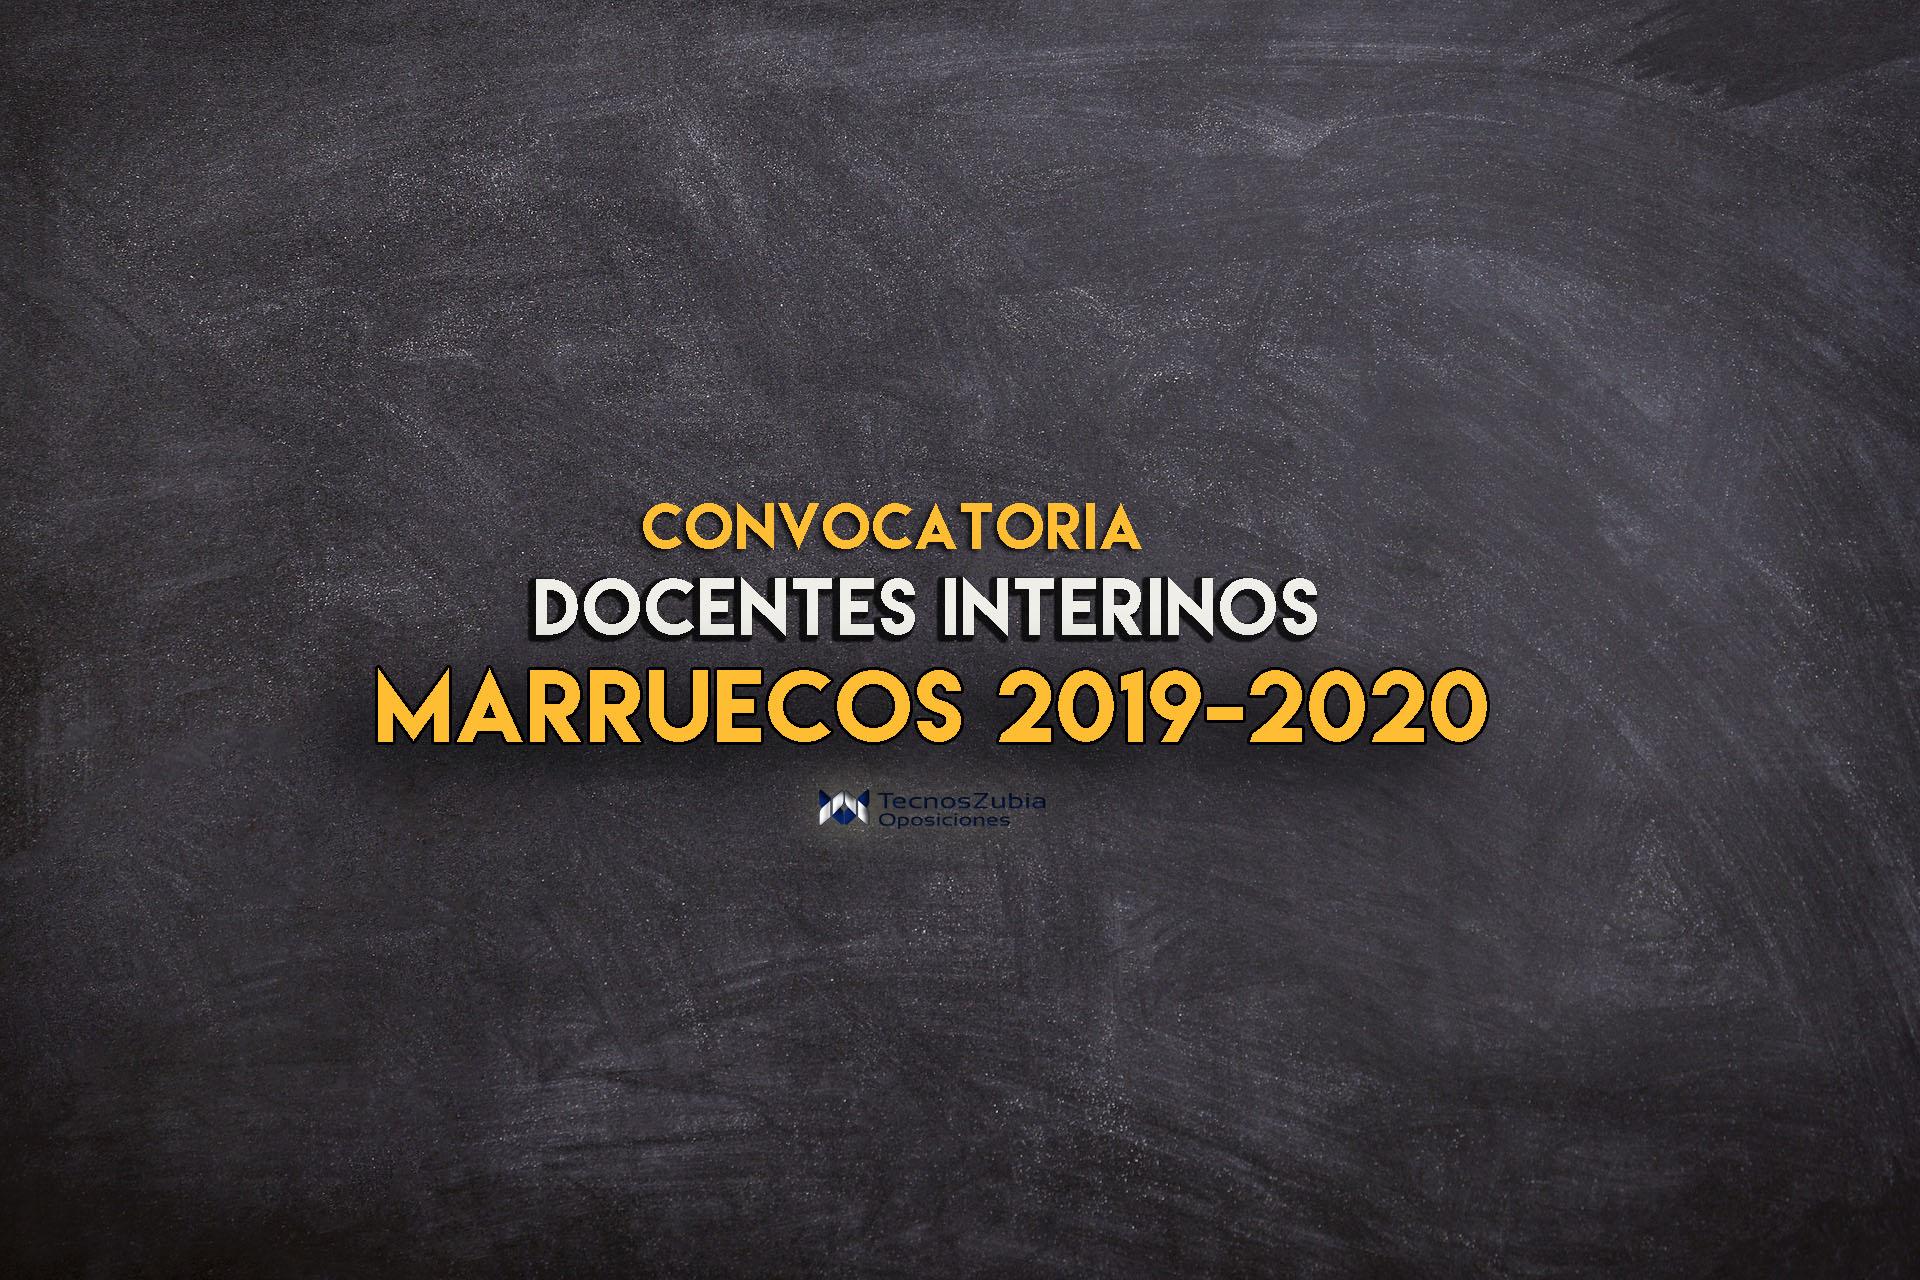 Abierta convocatoria para ejercer de docente en marruecos. Bolsas de interinos para profesores de Secundaria y FP.